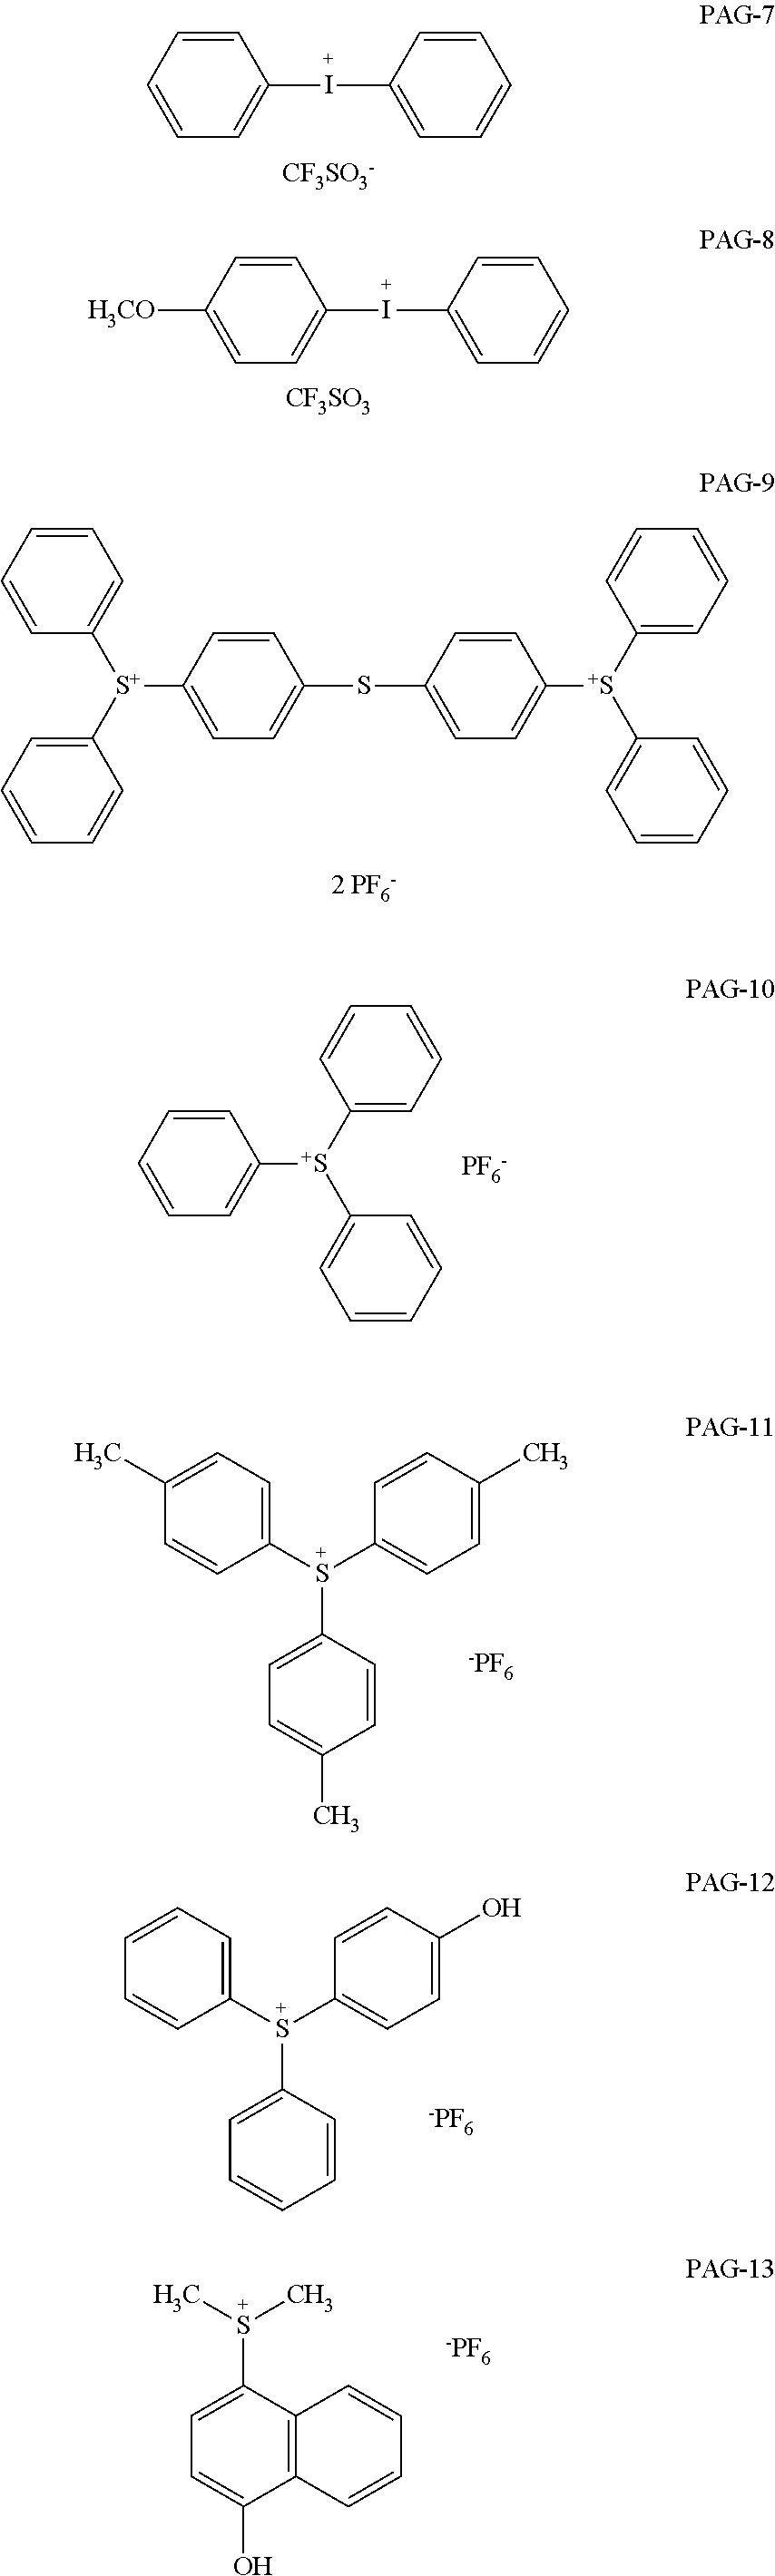 Figure US20150219993A1-20150806-C00025